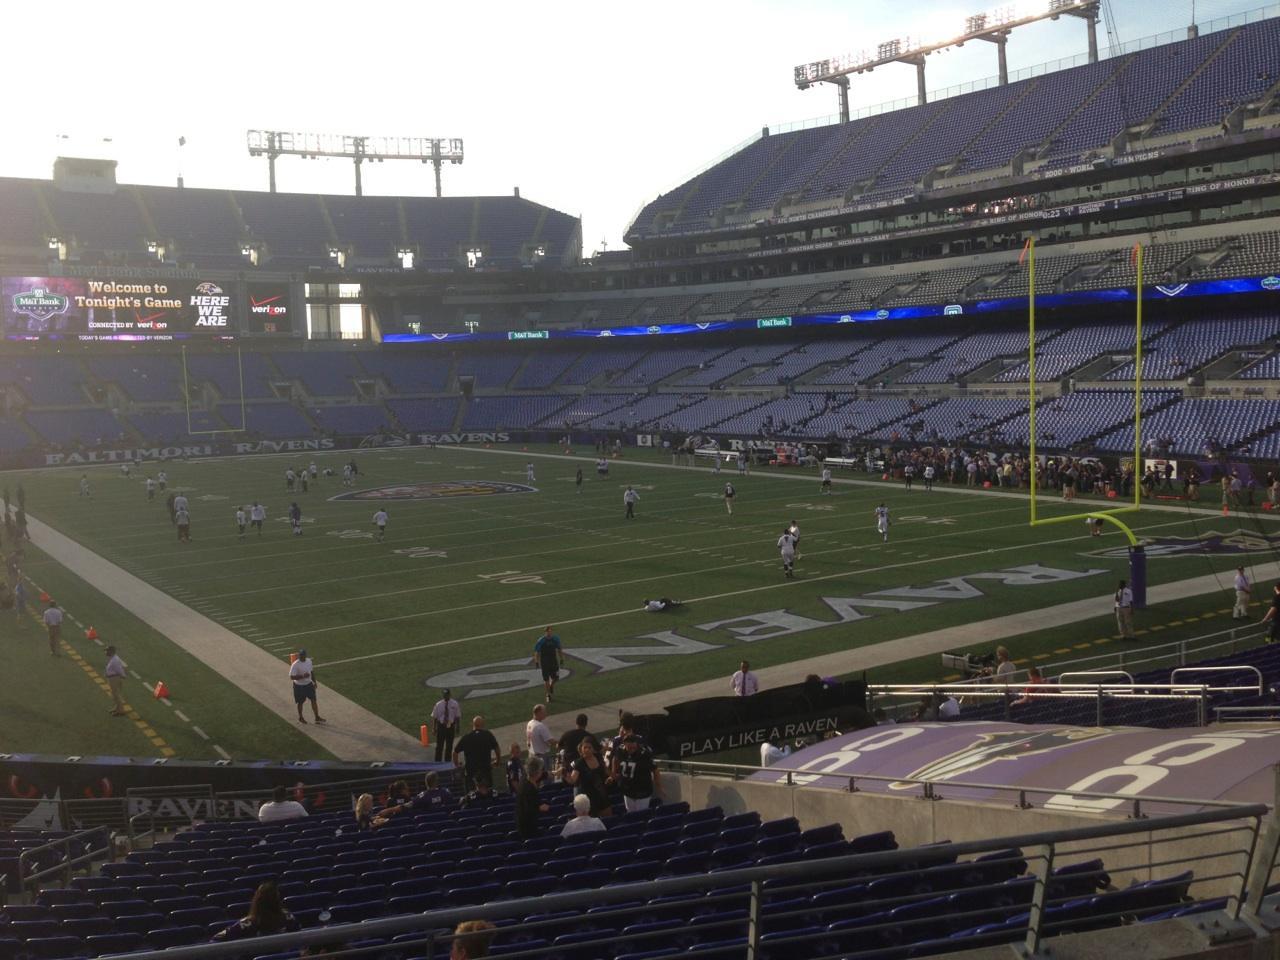 M Amp T Bank Stadium Section 117 Baltimore Ravens